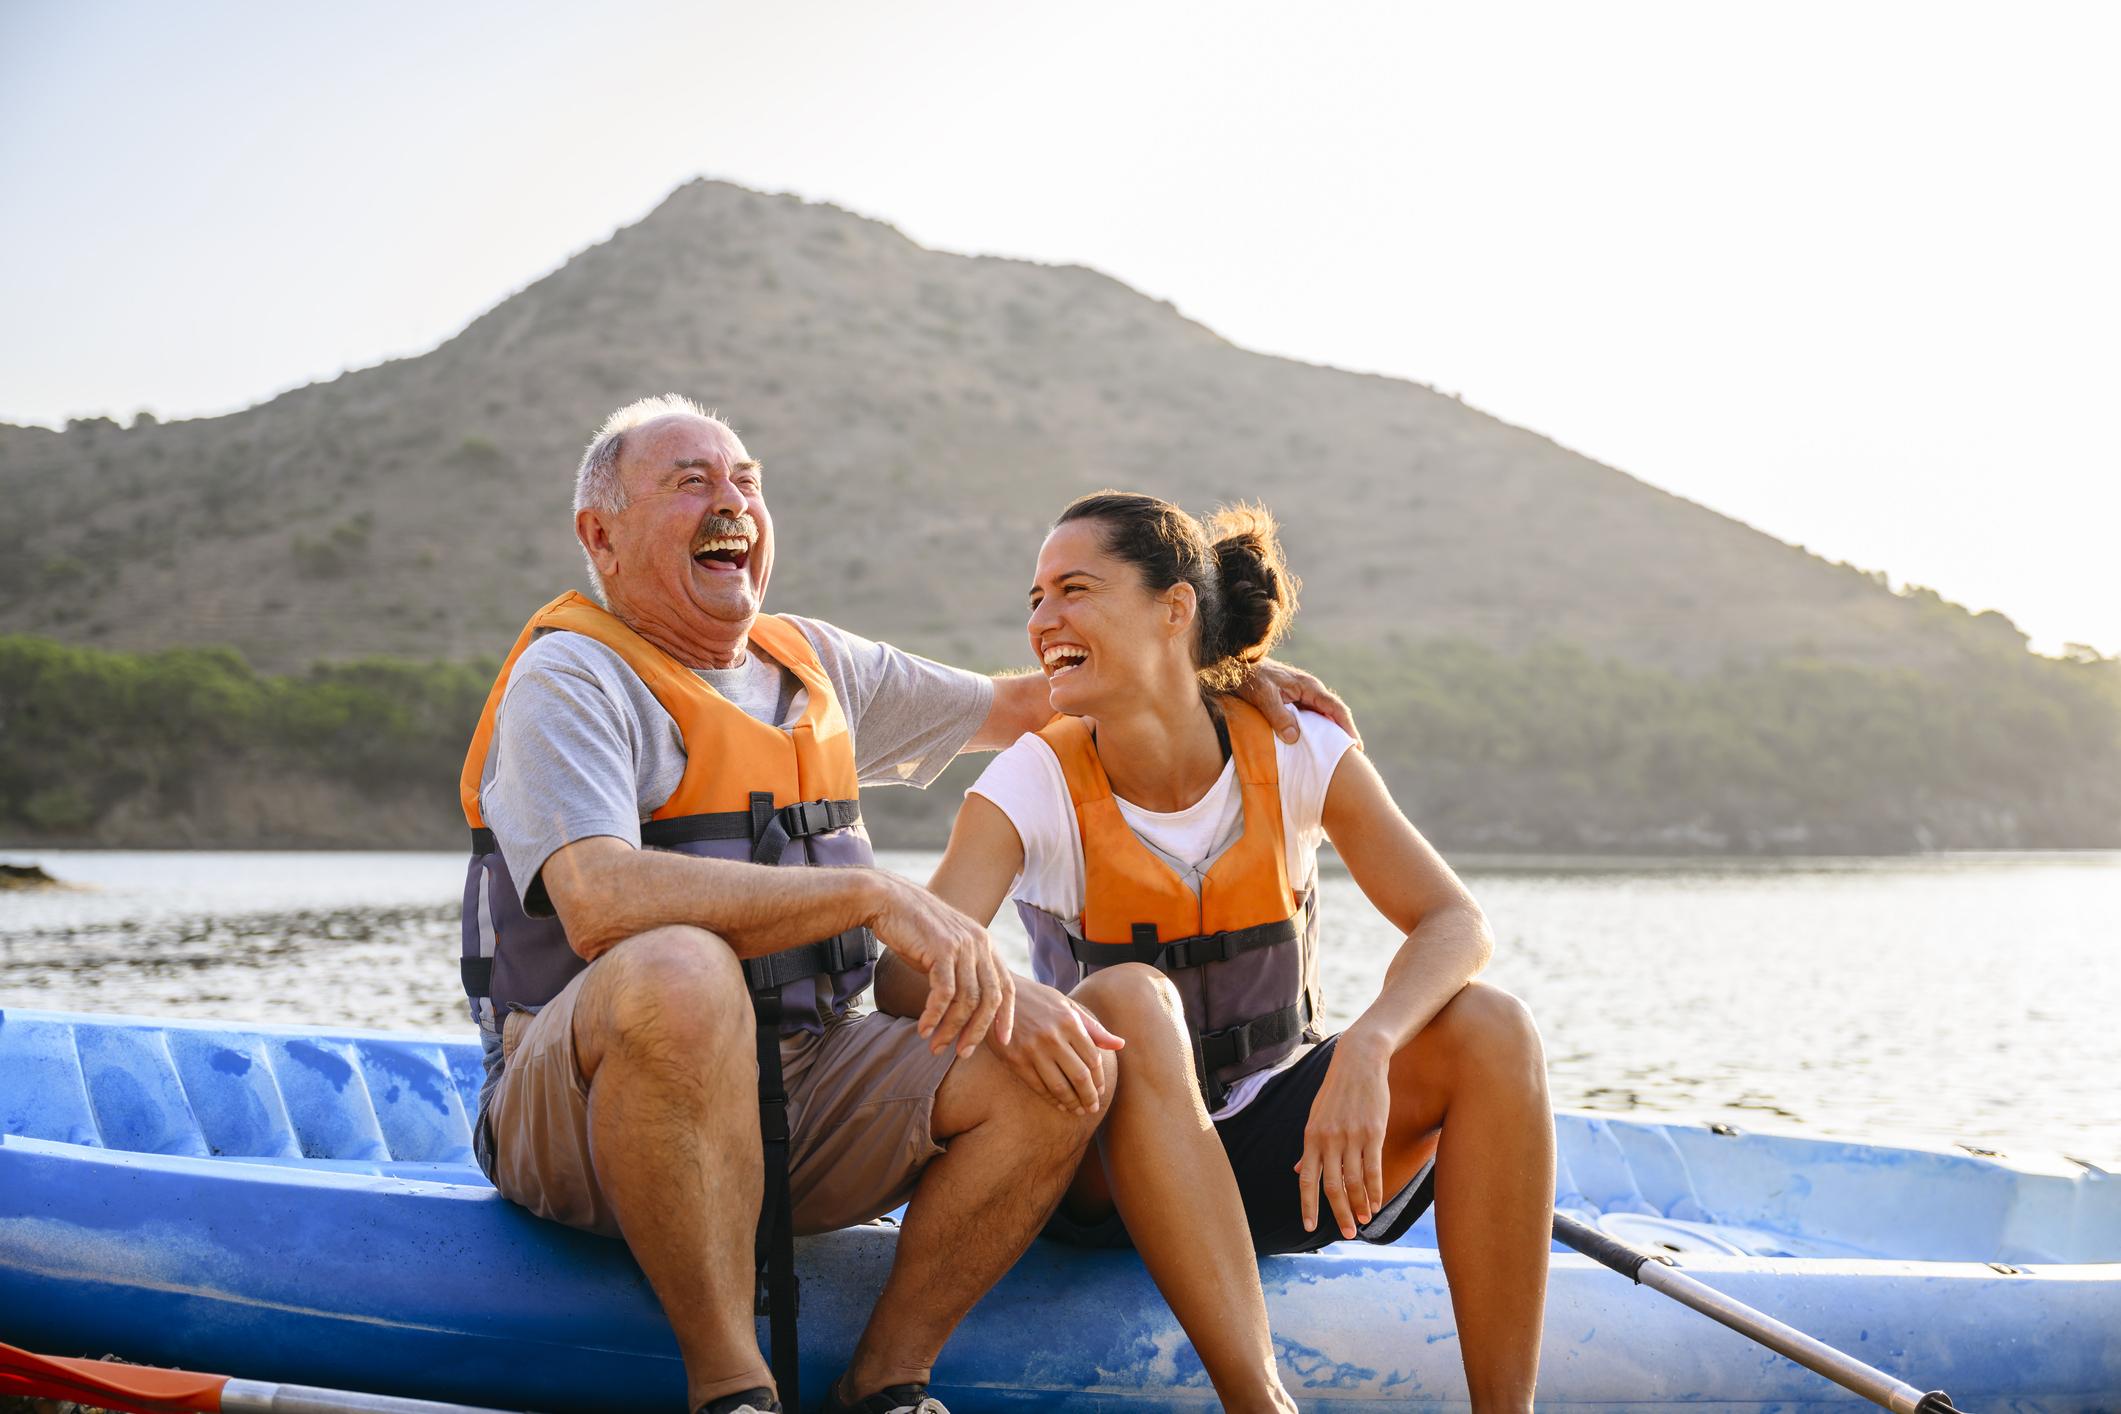 Spanish Male And Female Enjoying Early Morning Kayaking